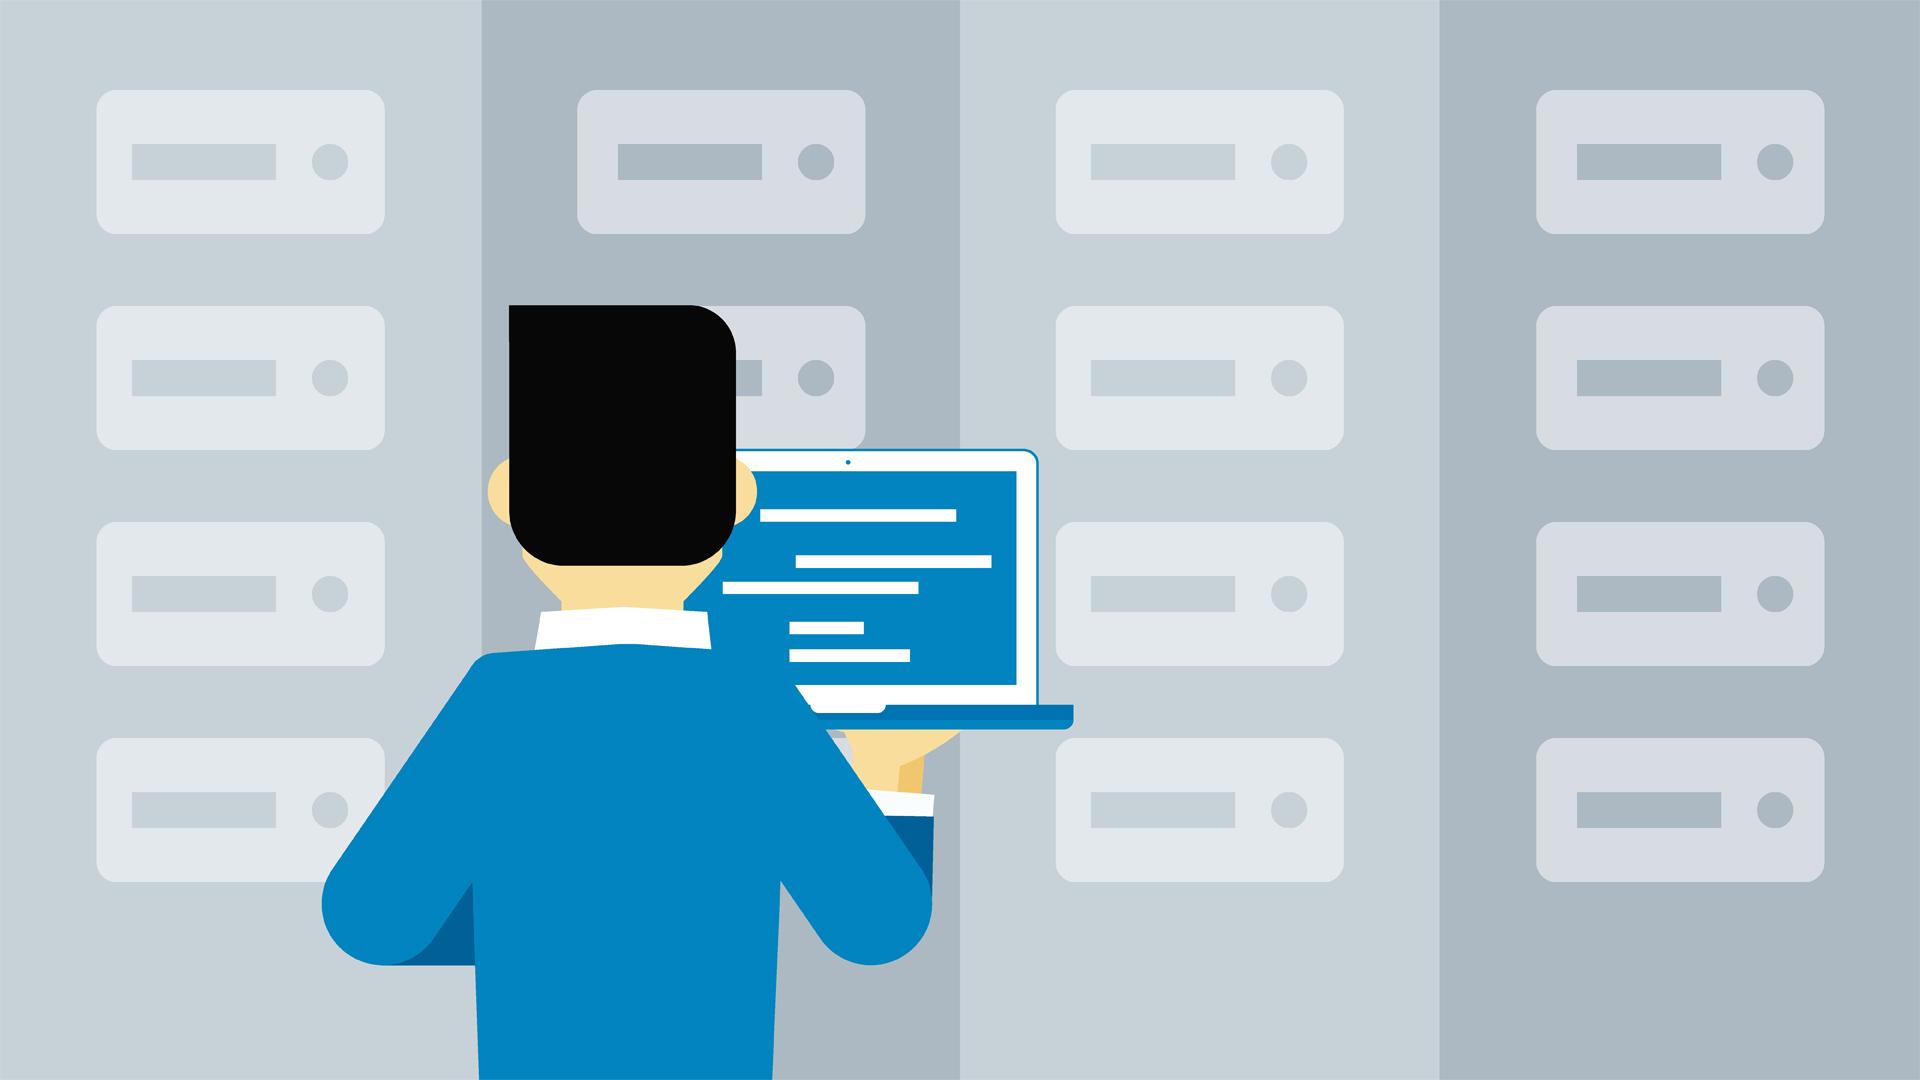 Mendapatkan Database Konsumen Melalui Pembicaraan - Corporate Training Indonesia